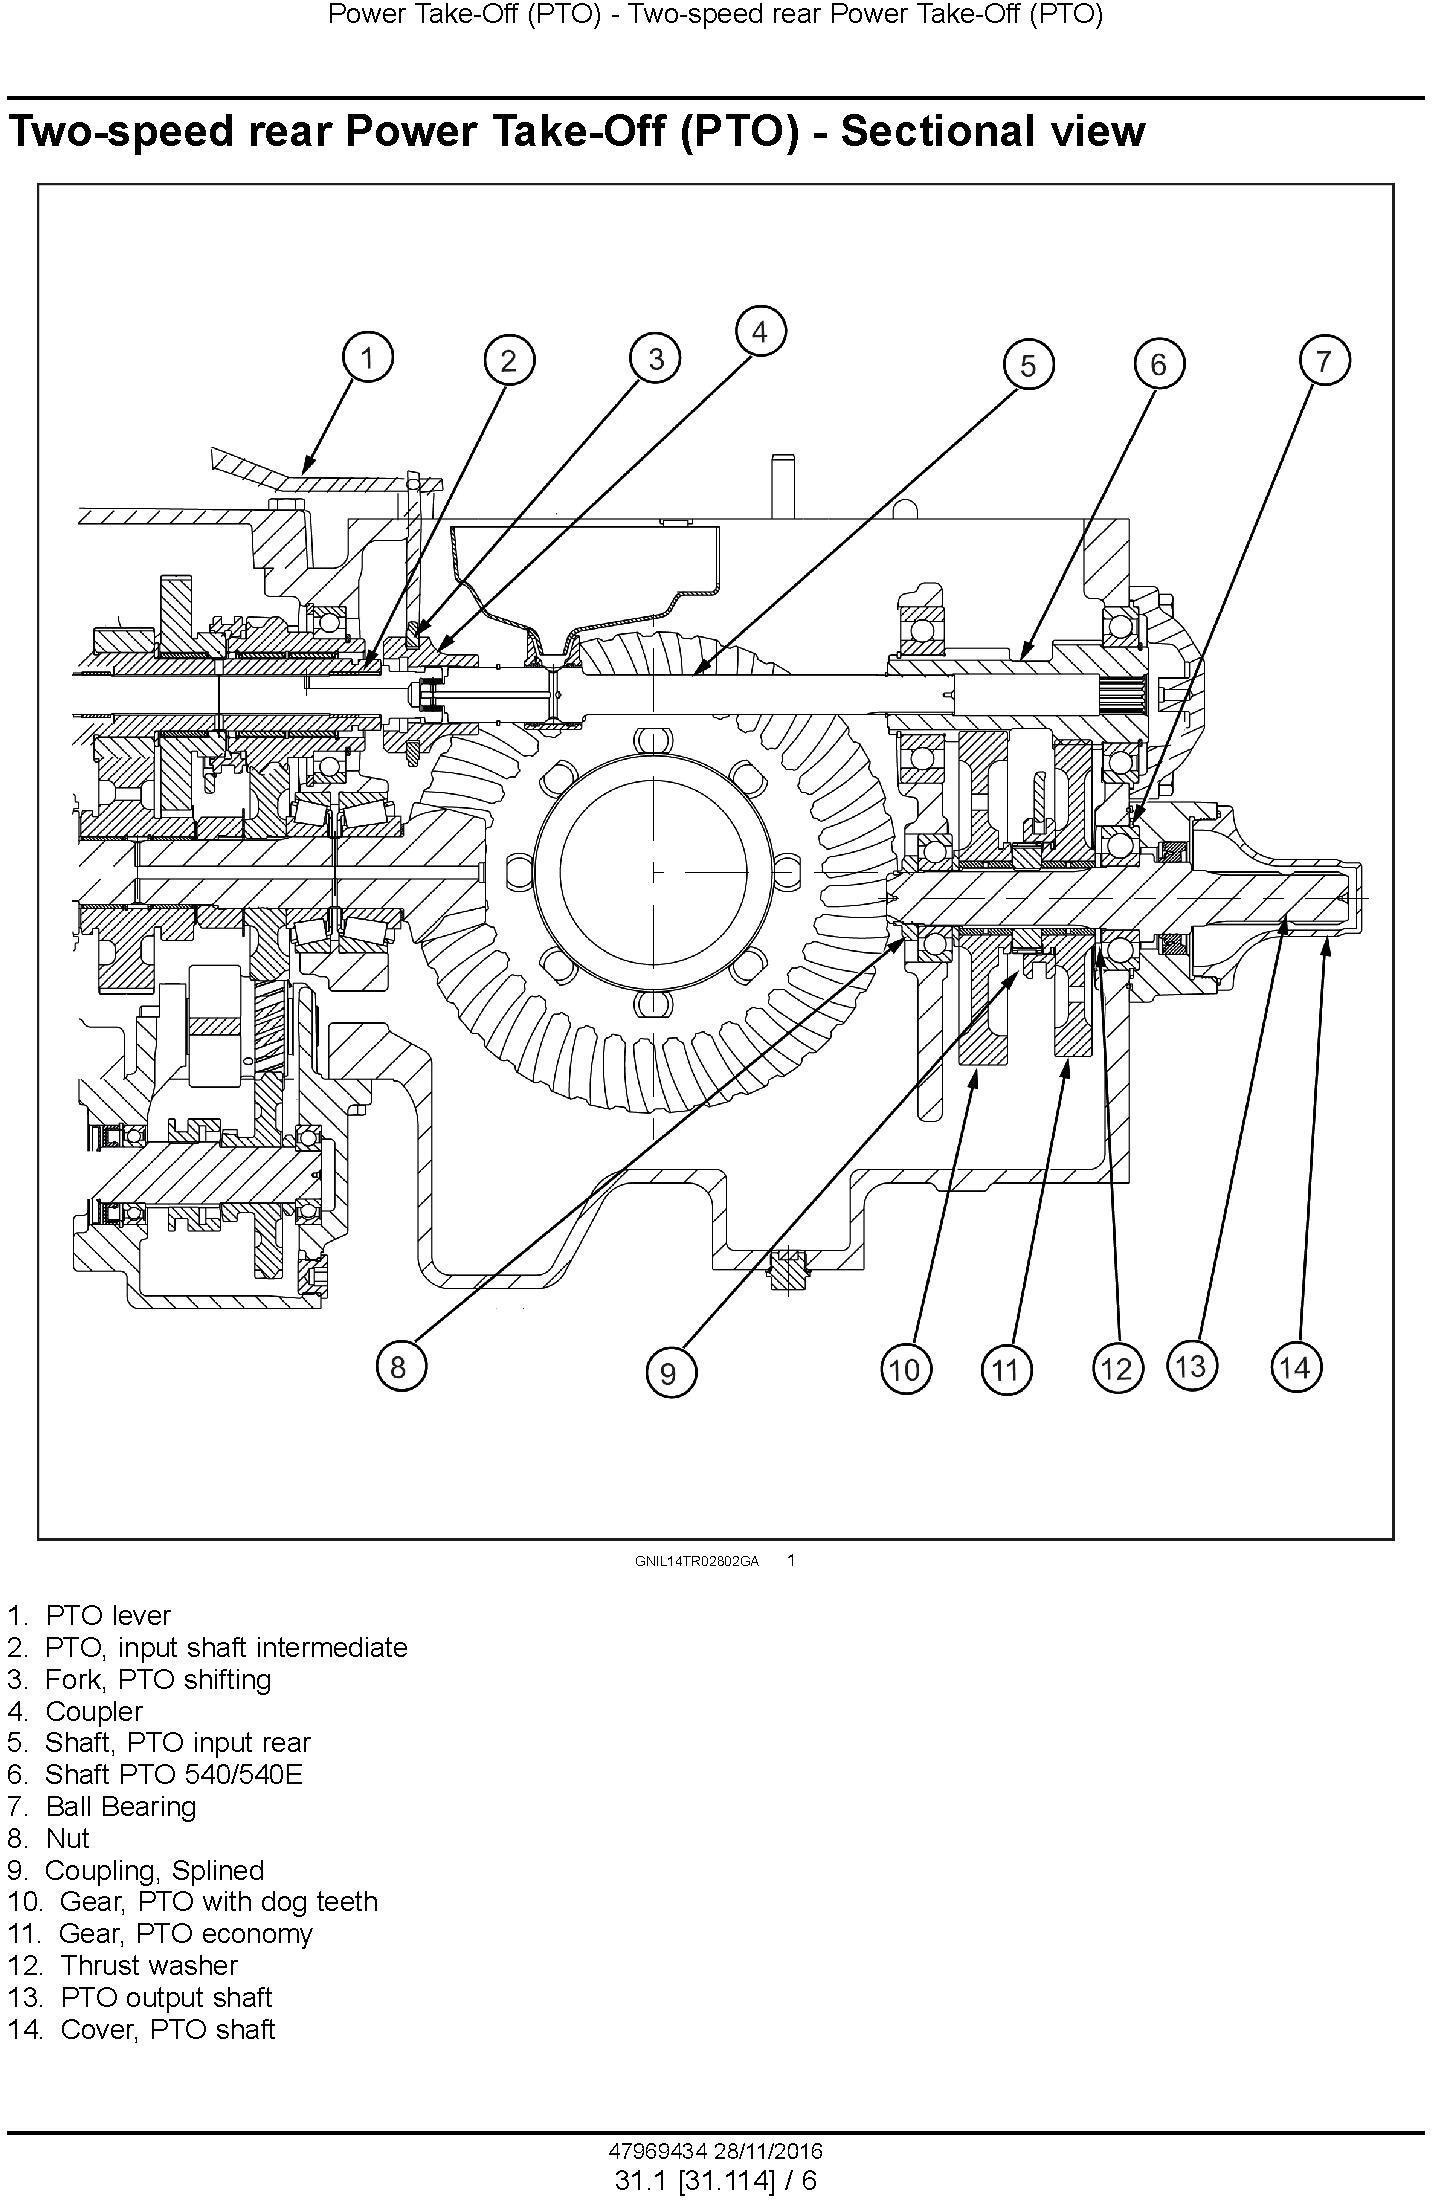 New Holland TT4.55, TT4.65, TT4.75 Tier 3 Tractor Service Manual - 3